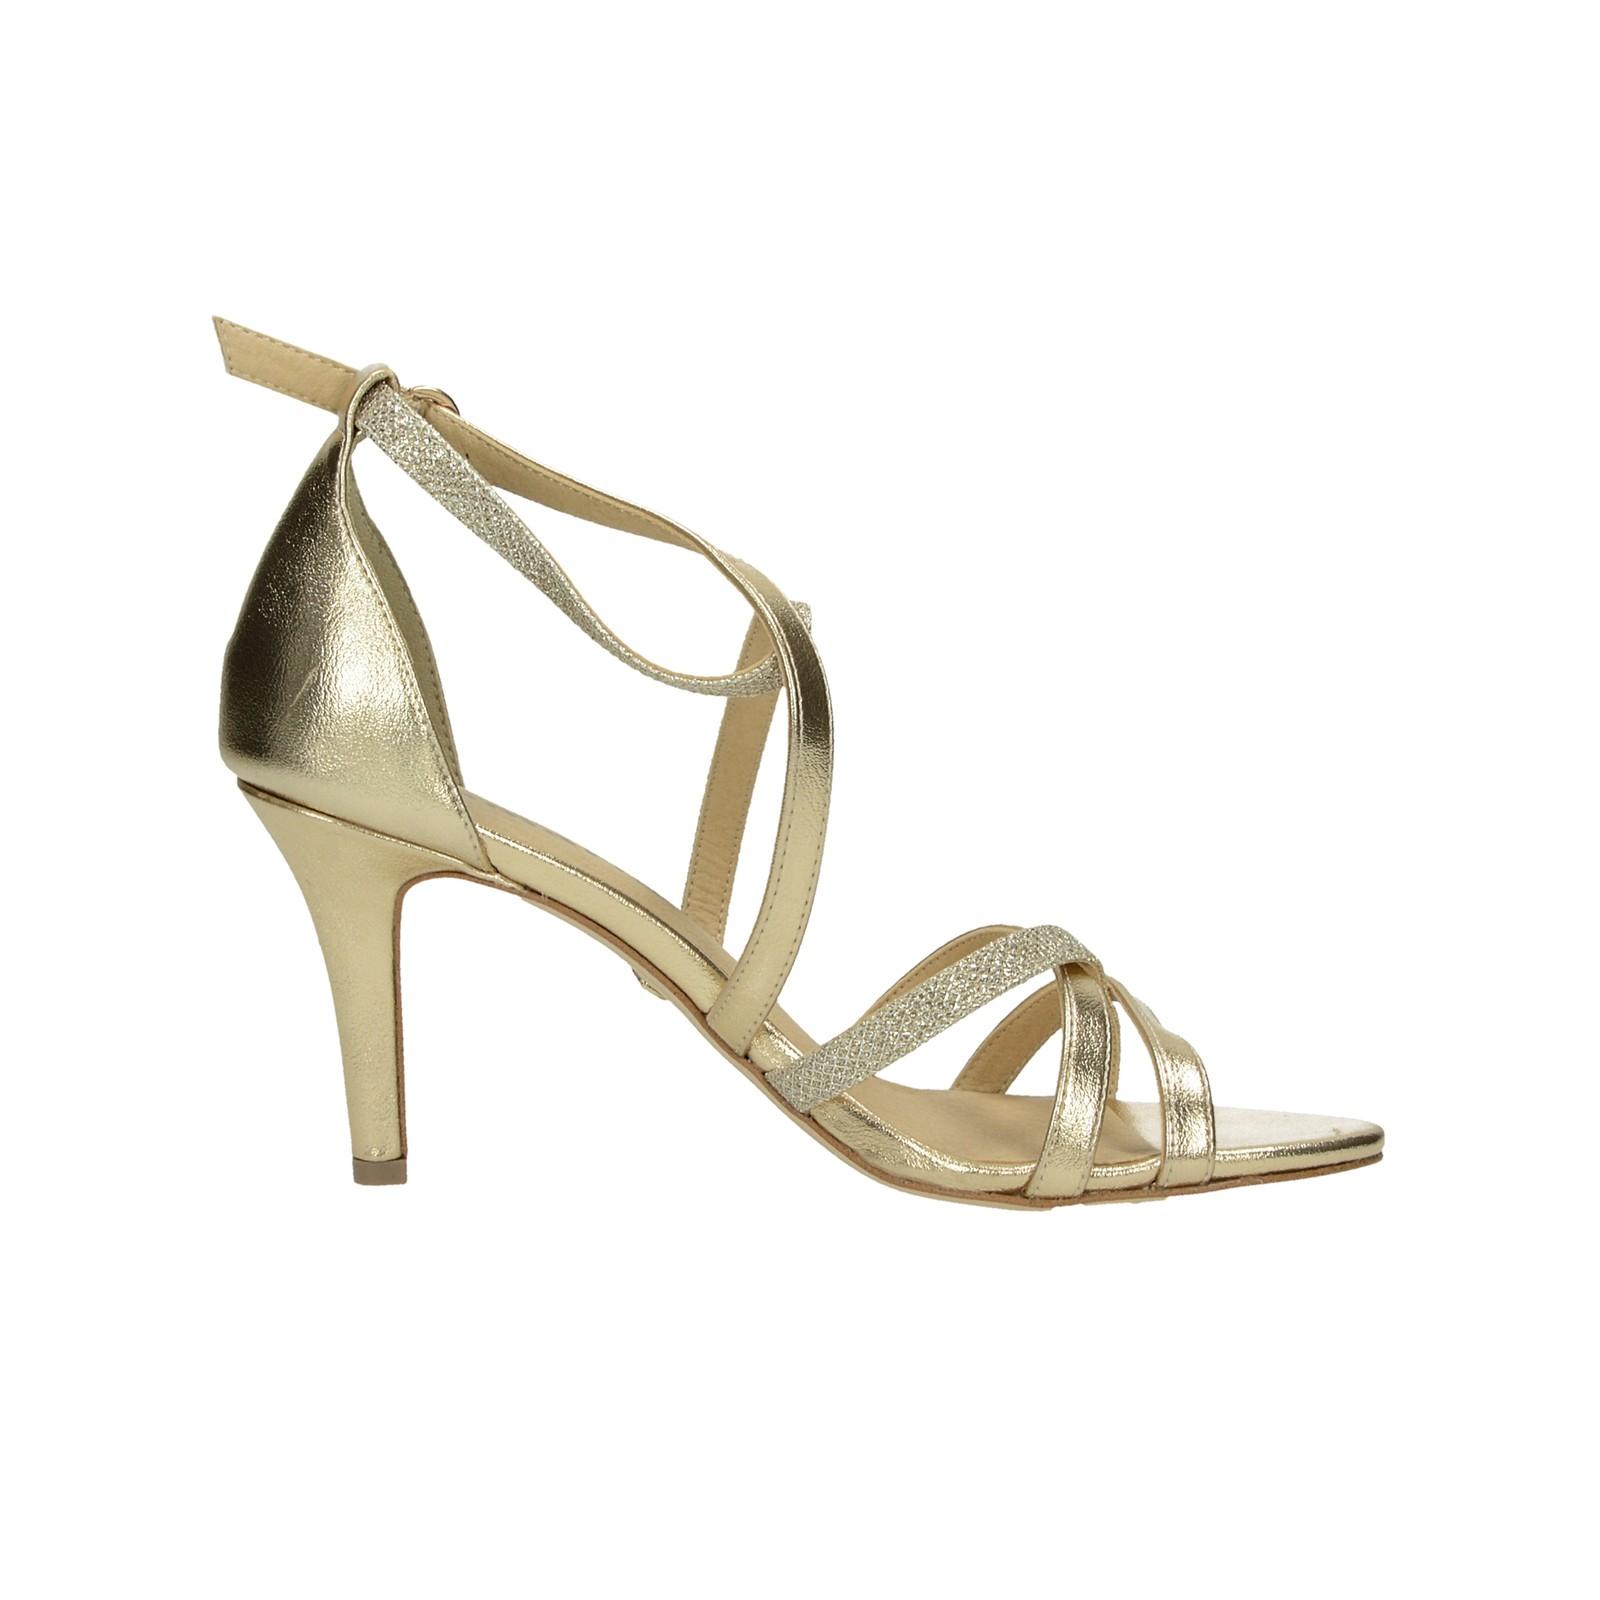 b5b1c8b849bb ... Tamaris dámske spoločenské sandále na podpätku - zlaté ...